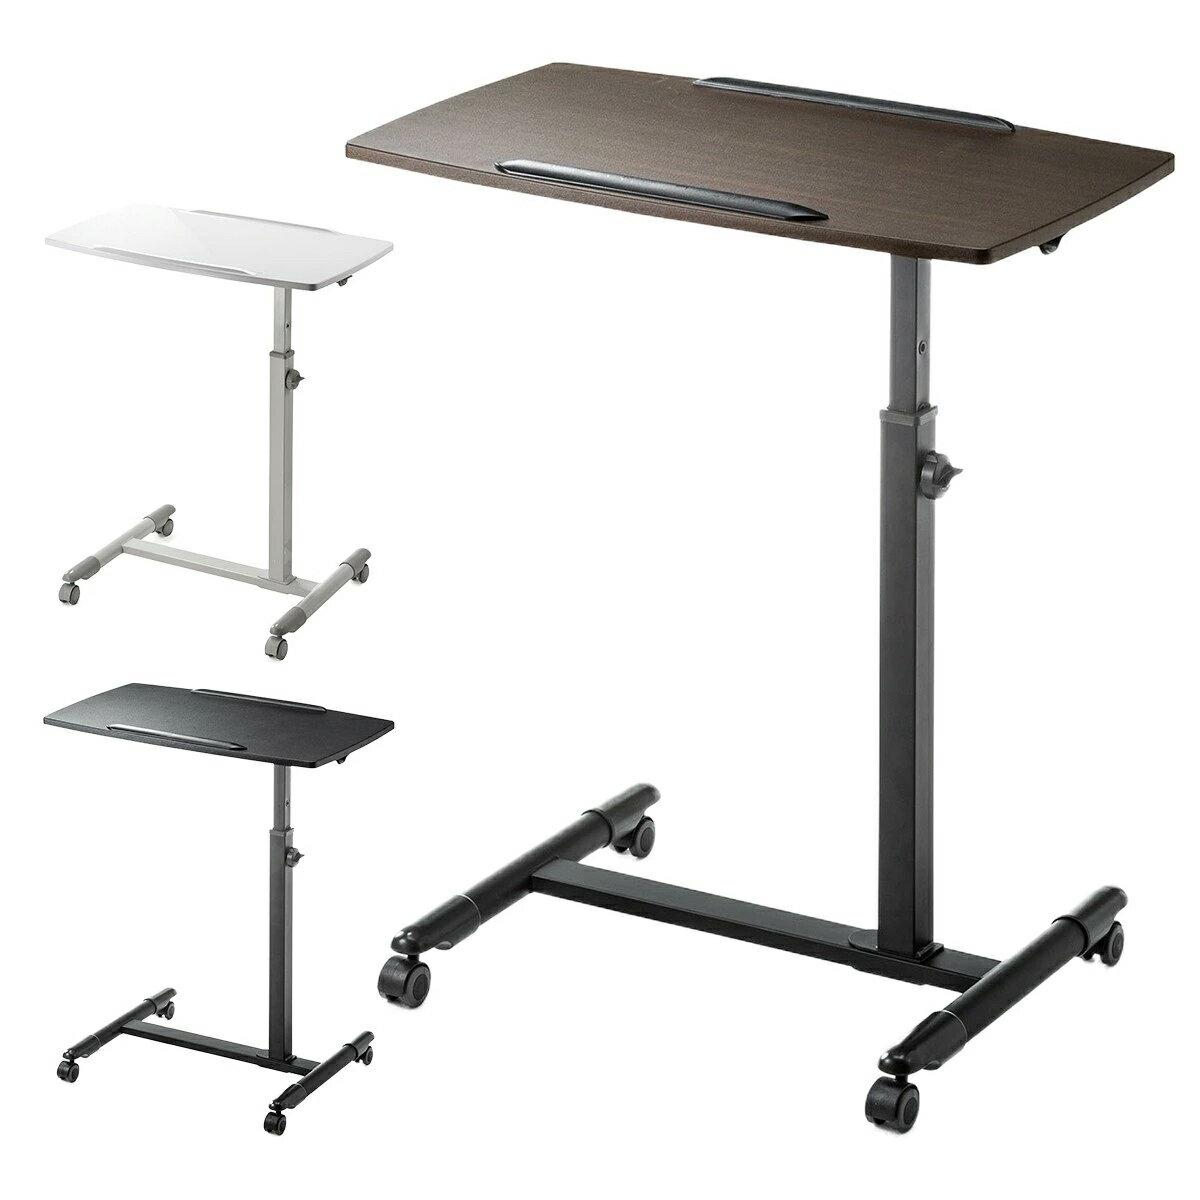 上下昇降 サイドテーブル 高さ 70cm〜88cm 4段階調整 ノートパソコンスタンド キャスター付き ノートPC台 ベッドテーブル サイドワゴン [100-DESK044]